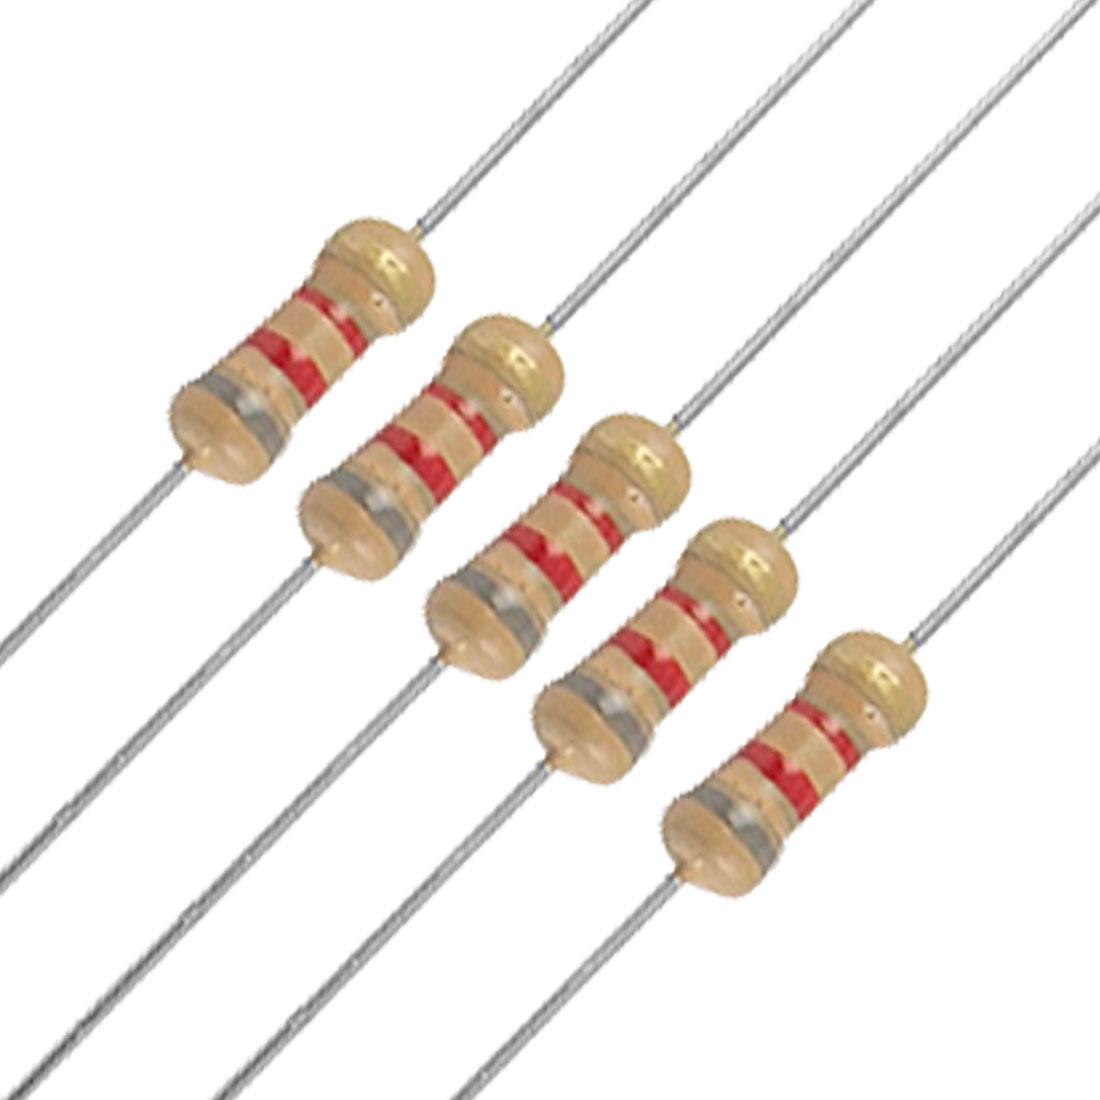 100 x 1/4W 250V 8.2K ohm 8K2 Axial Carbon Film Resistors